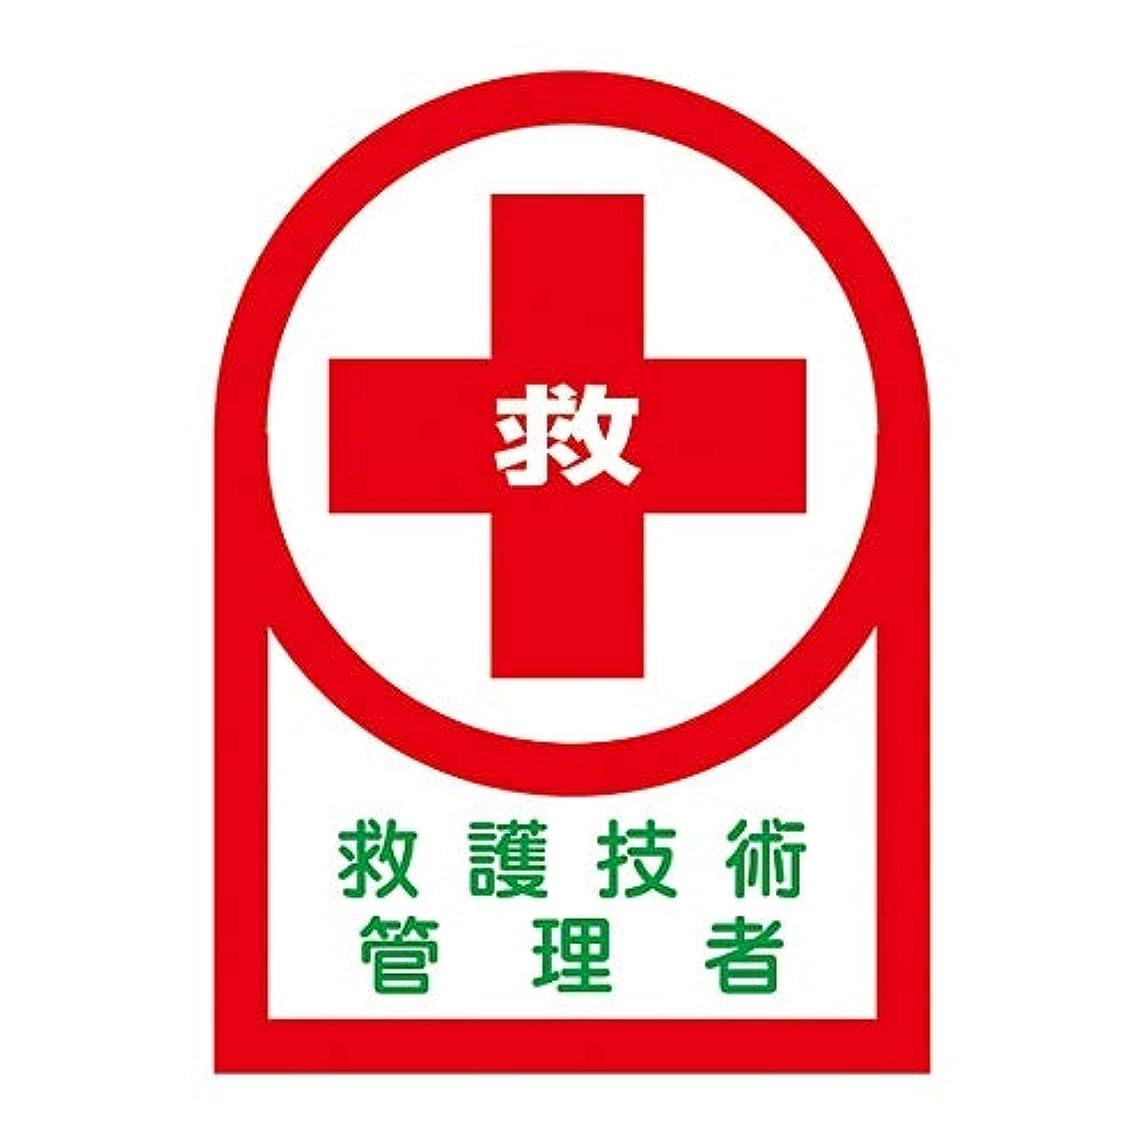 暫定インセンティブドリンクヘルメット用ステッカー 「救 救護技術管理者」 HL-77/61-3422-43